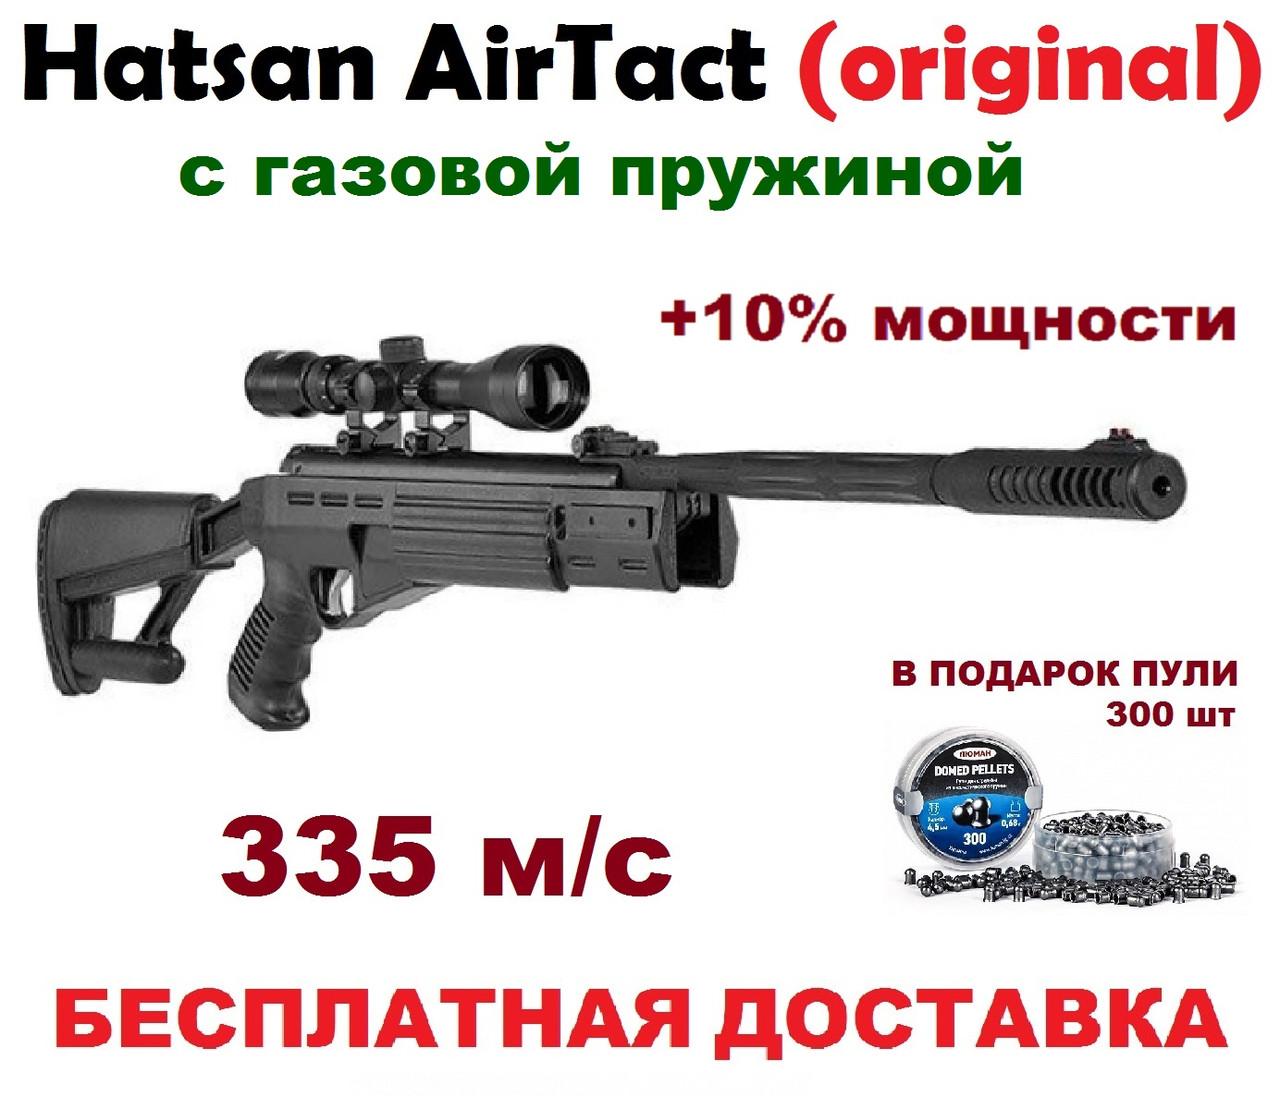 Пневматическая винтовка Hatsan AirTact с газовой пружиной 335 м/с, мощная воздушка хатсан Air Tact magnum